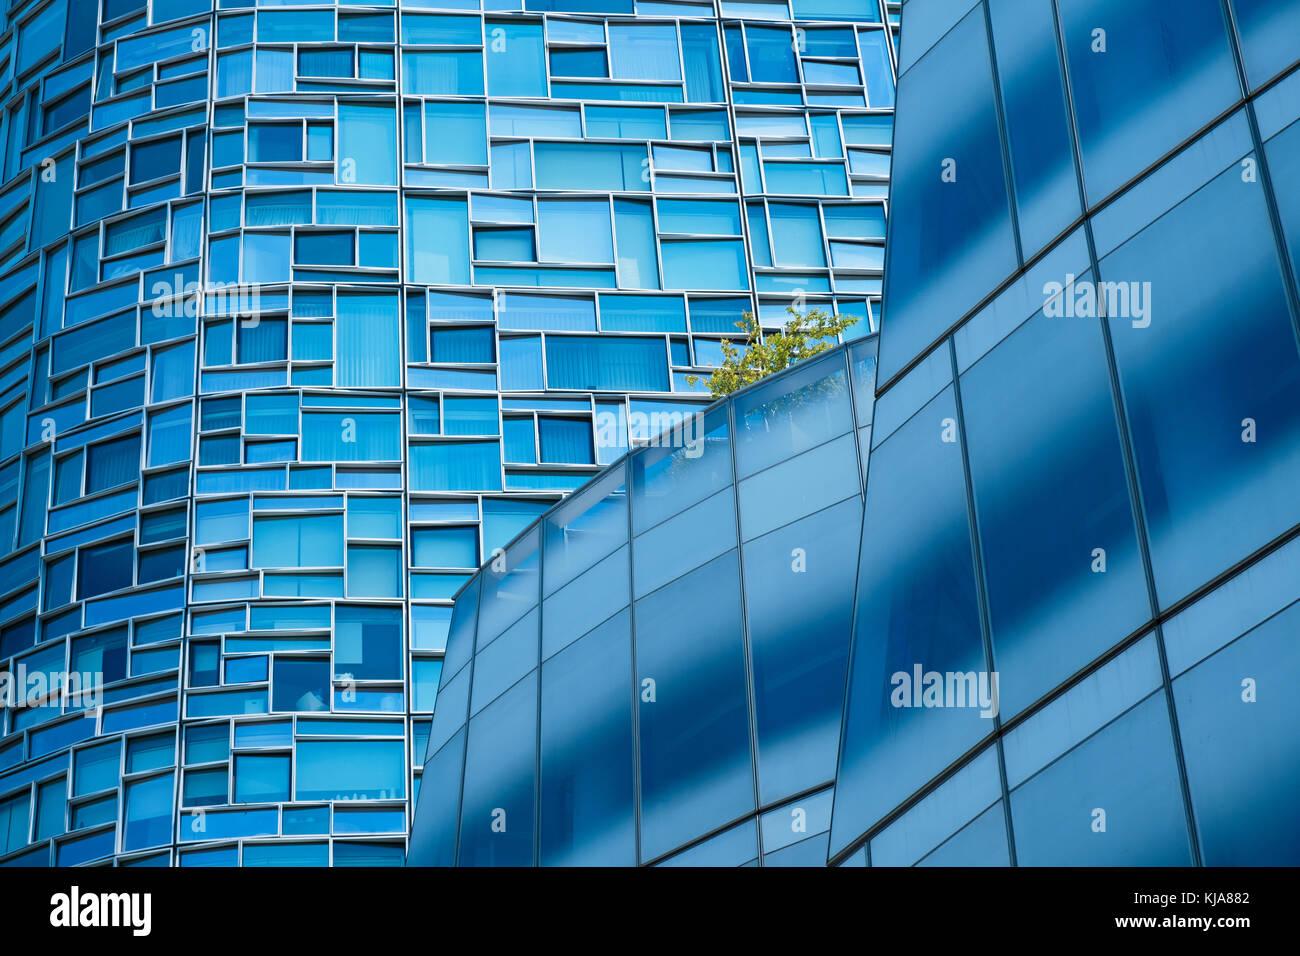 Détail de gratte-ciel à New York. Photo Stock